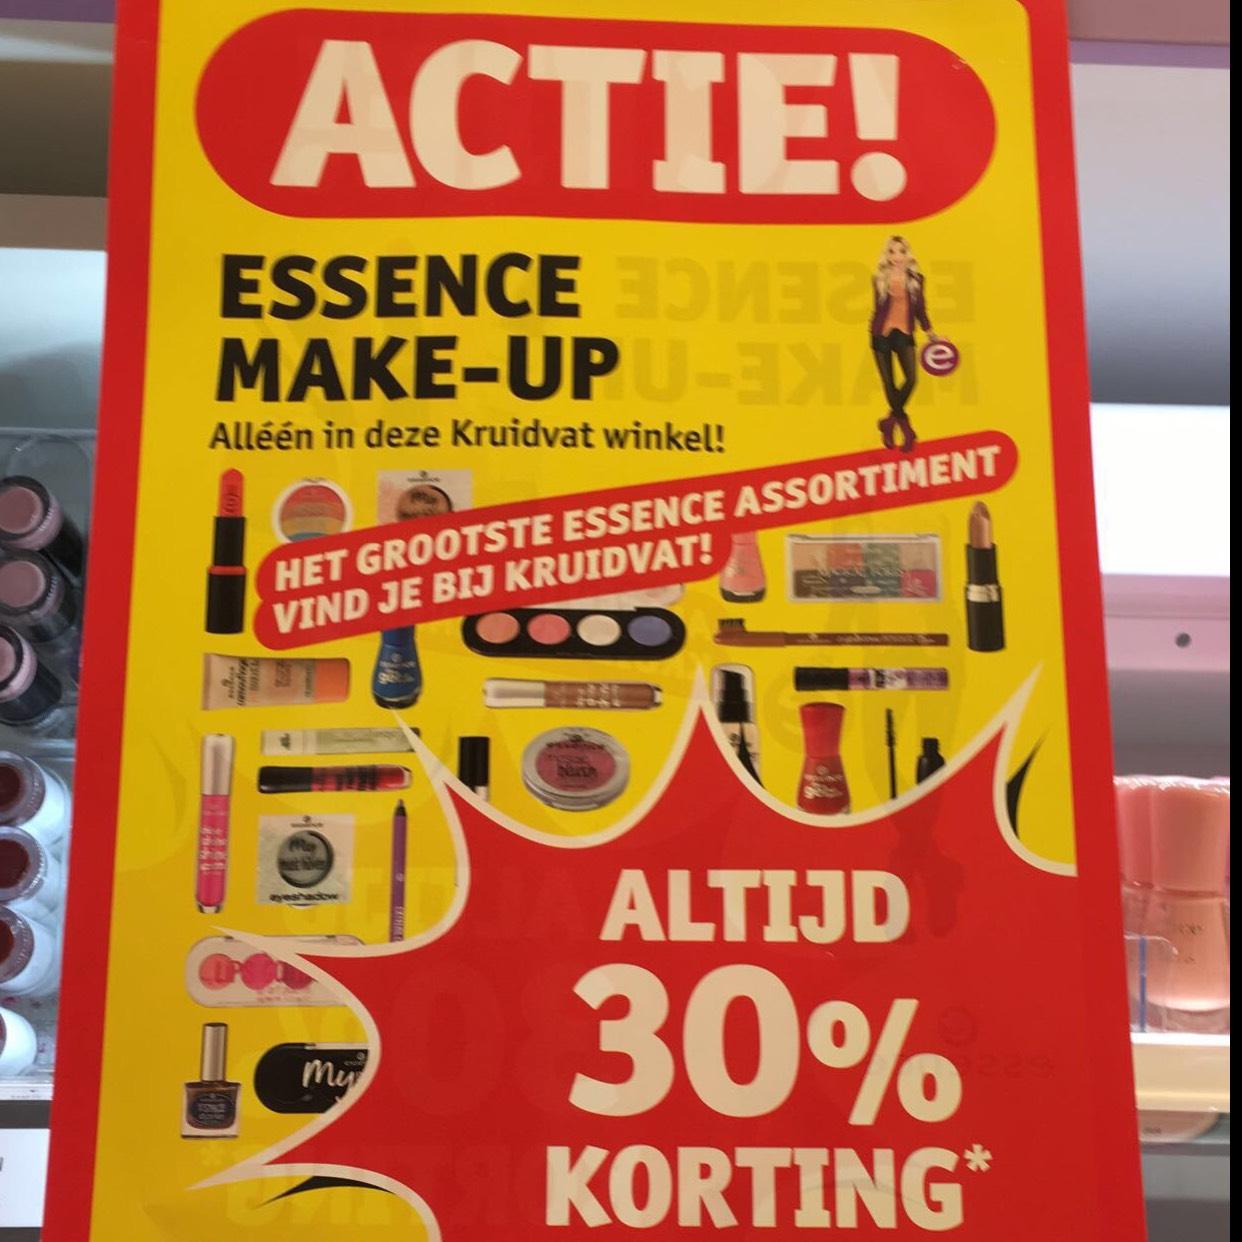 Altijd 30 procent korting op Essence make-up bij kruitvat in Den haag op de grotemarktstraat 38!!!